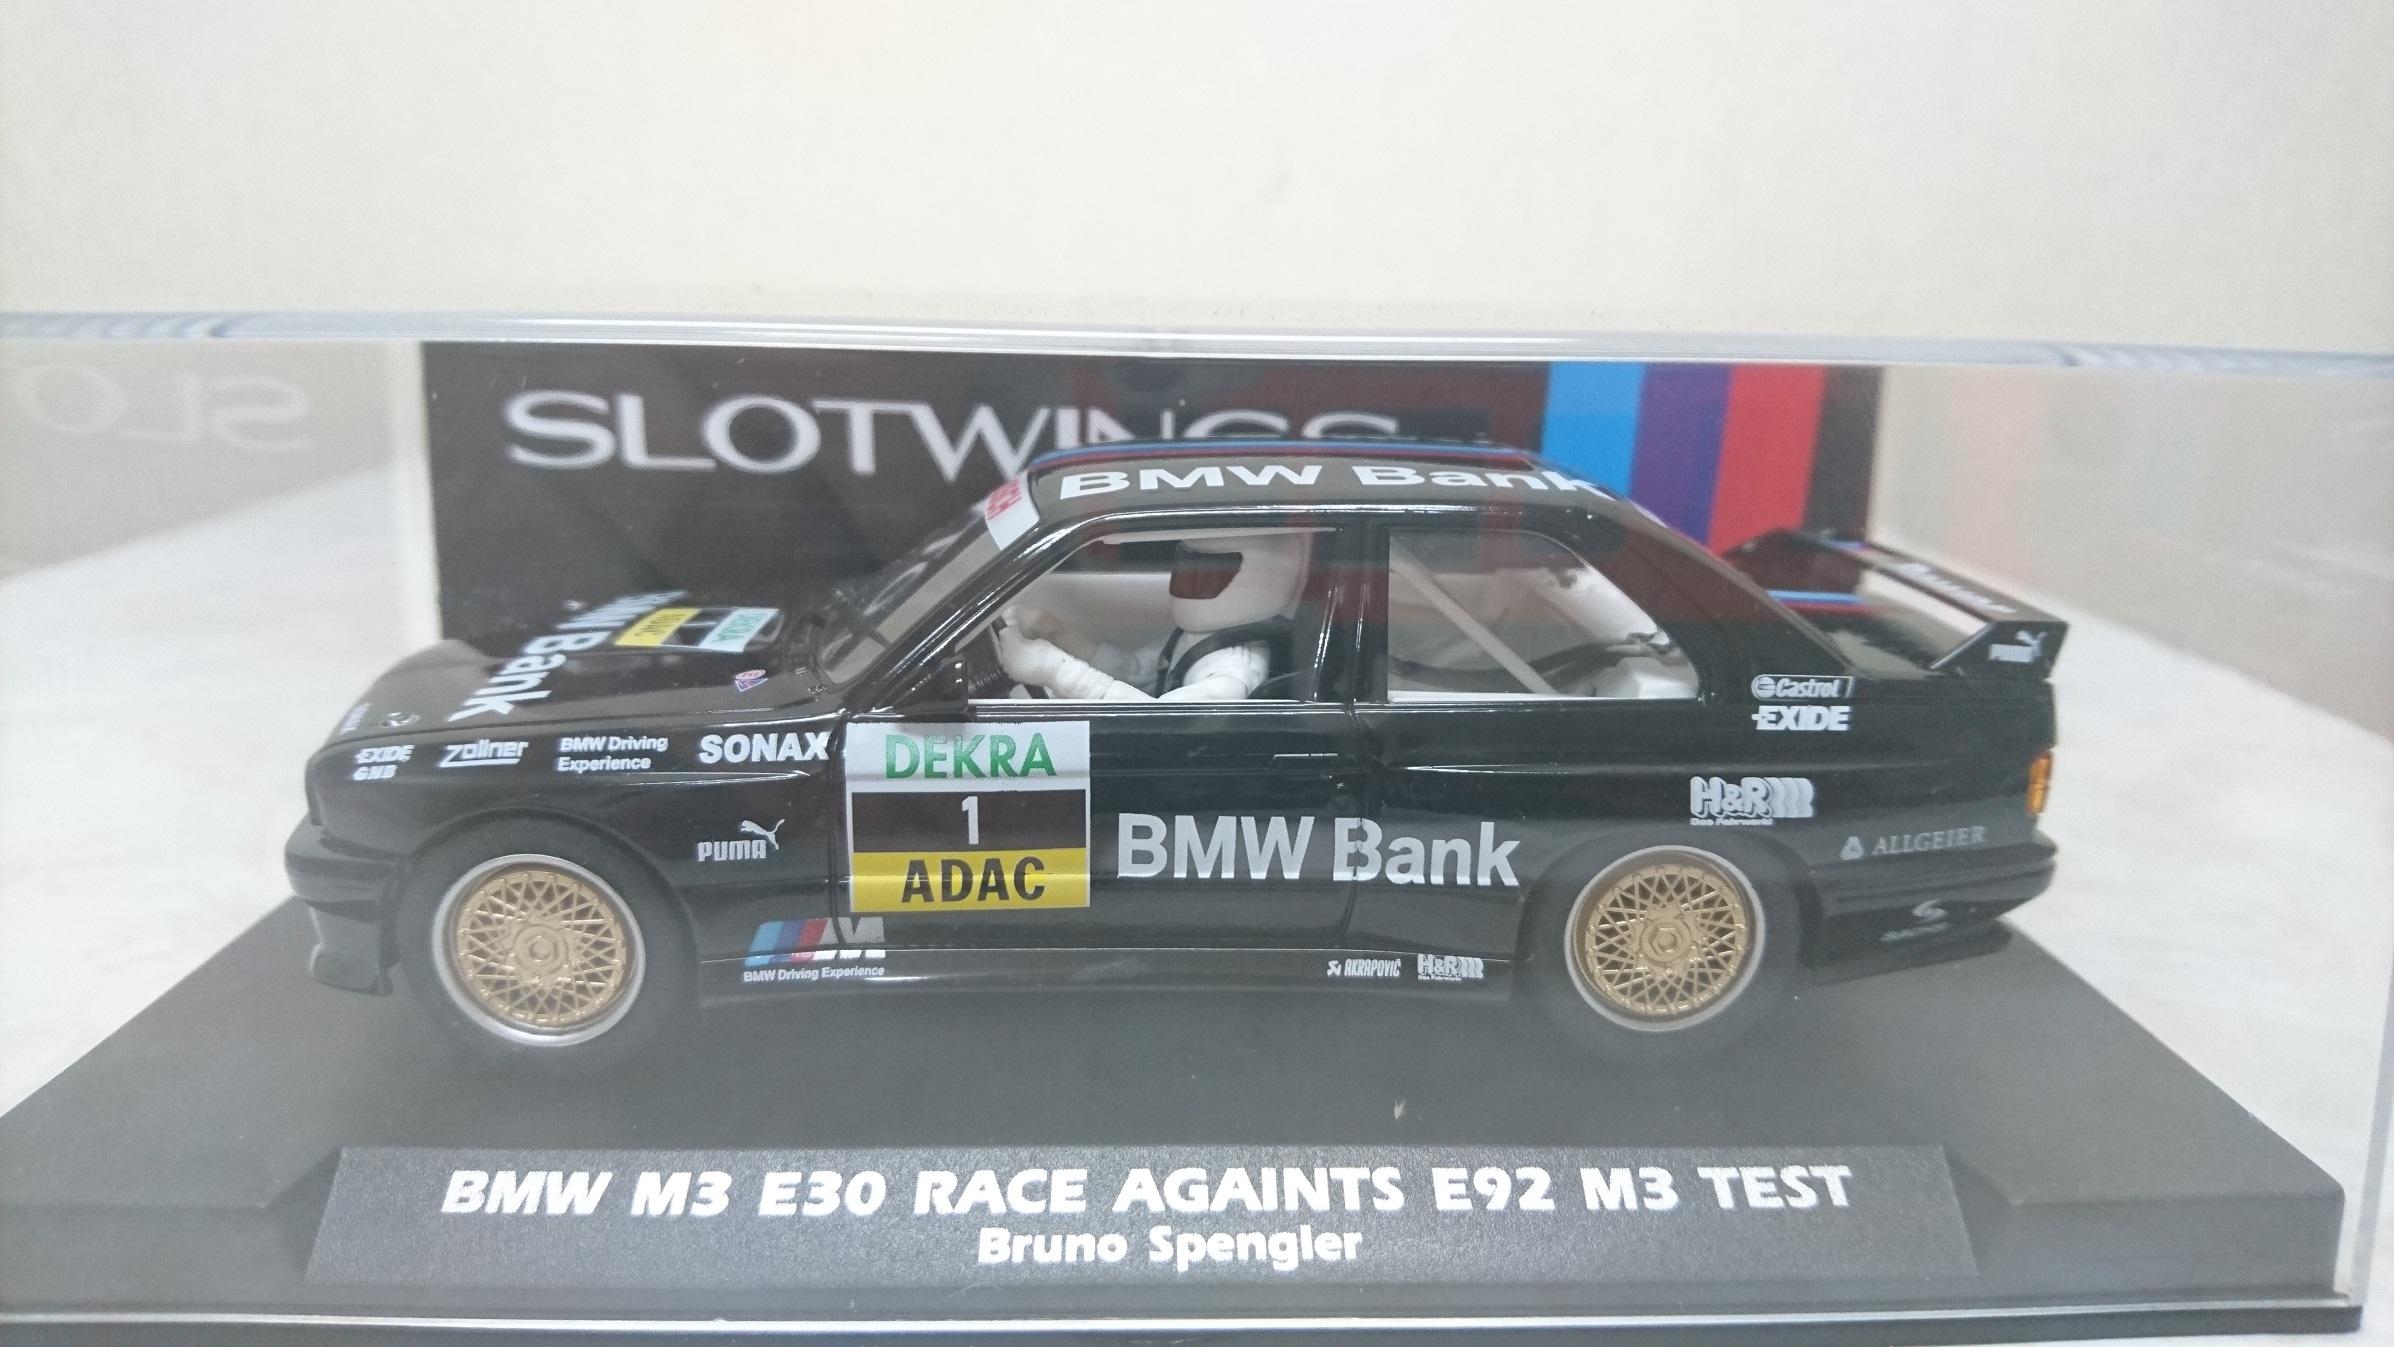 <p>slotwings製のBMW M3です。</p><p>漆黒のボディが魅力的なボディは、FLYやFLYSLOTでおなじみのBMW M3のslotwings版となります。</p><p>豊富なカラーバリエーションを持ち、仕上げにこつがいるものの、ワンメイクレースの素材としても面白い存在です。</p><p>車体は、実車同様のFRレイアウトを採用。</p><p>しっかり仕上げて楽しみたい1台です。</p>